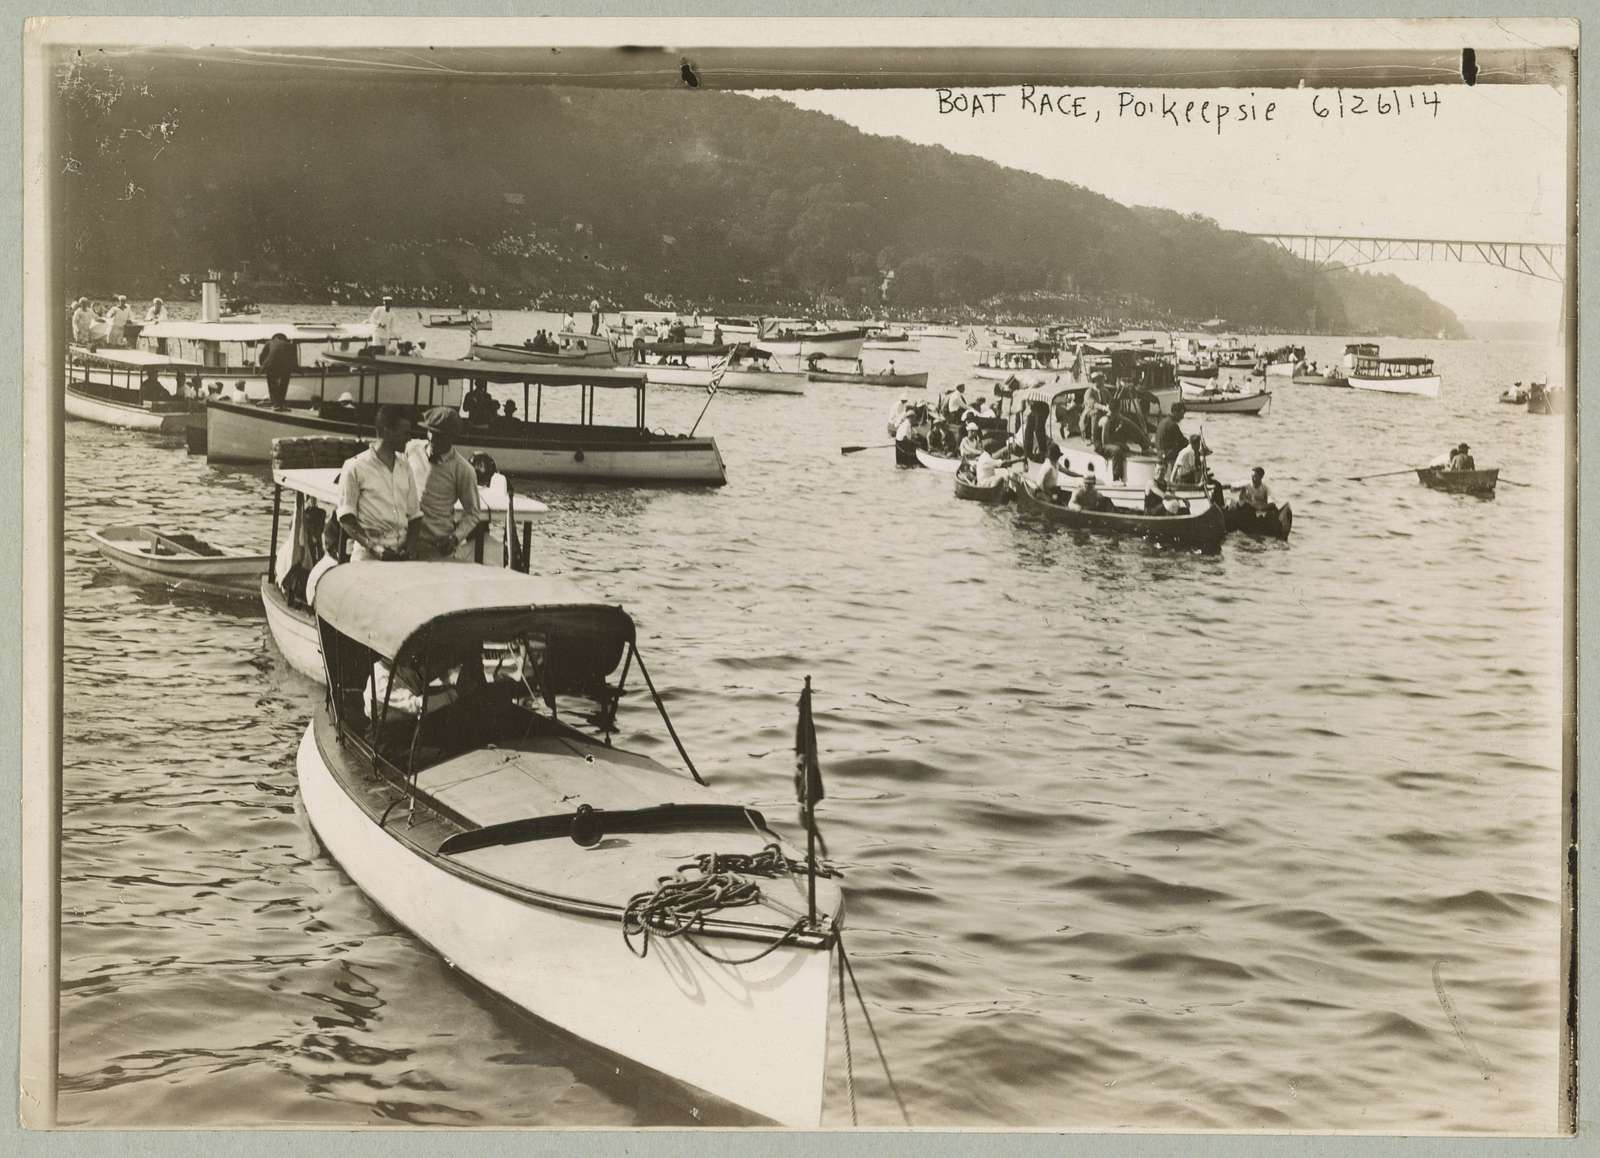 Boat race, Po'keepsie 6/26/14